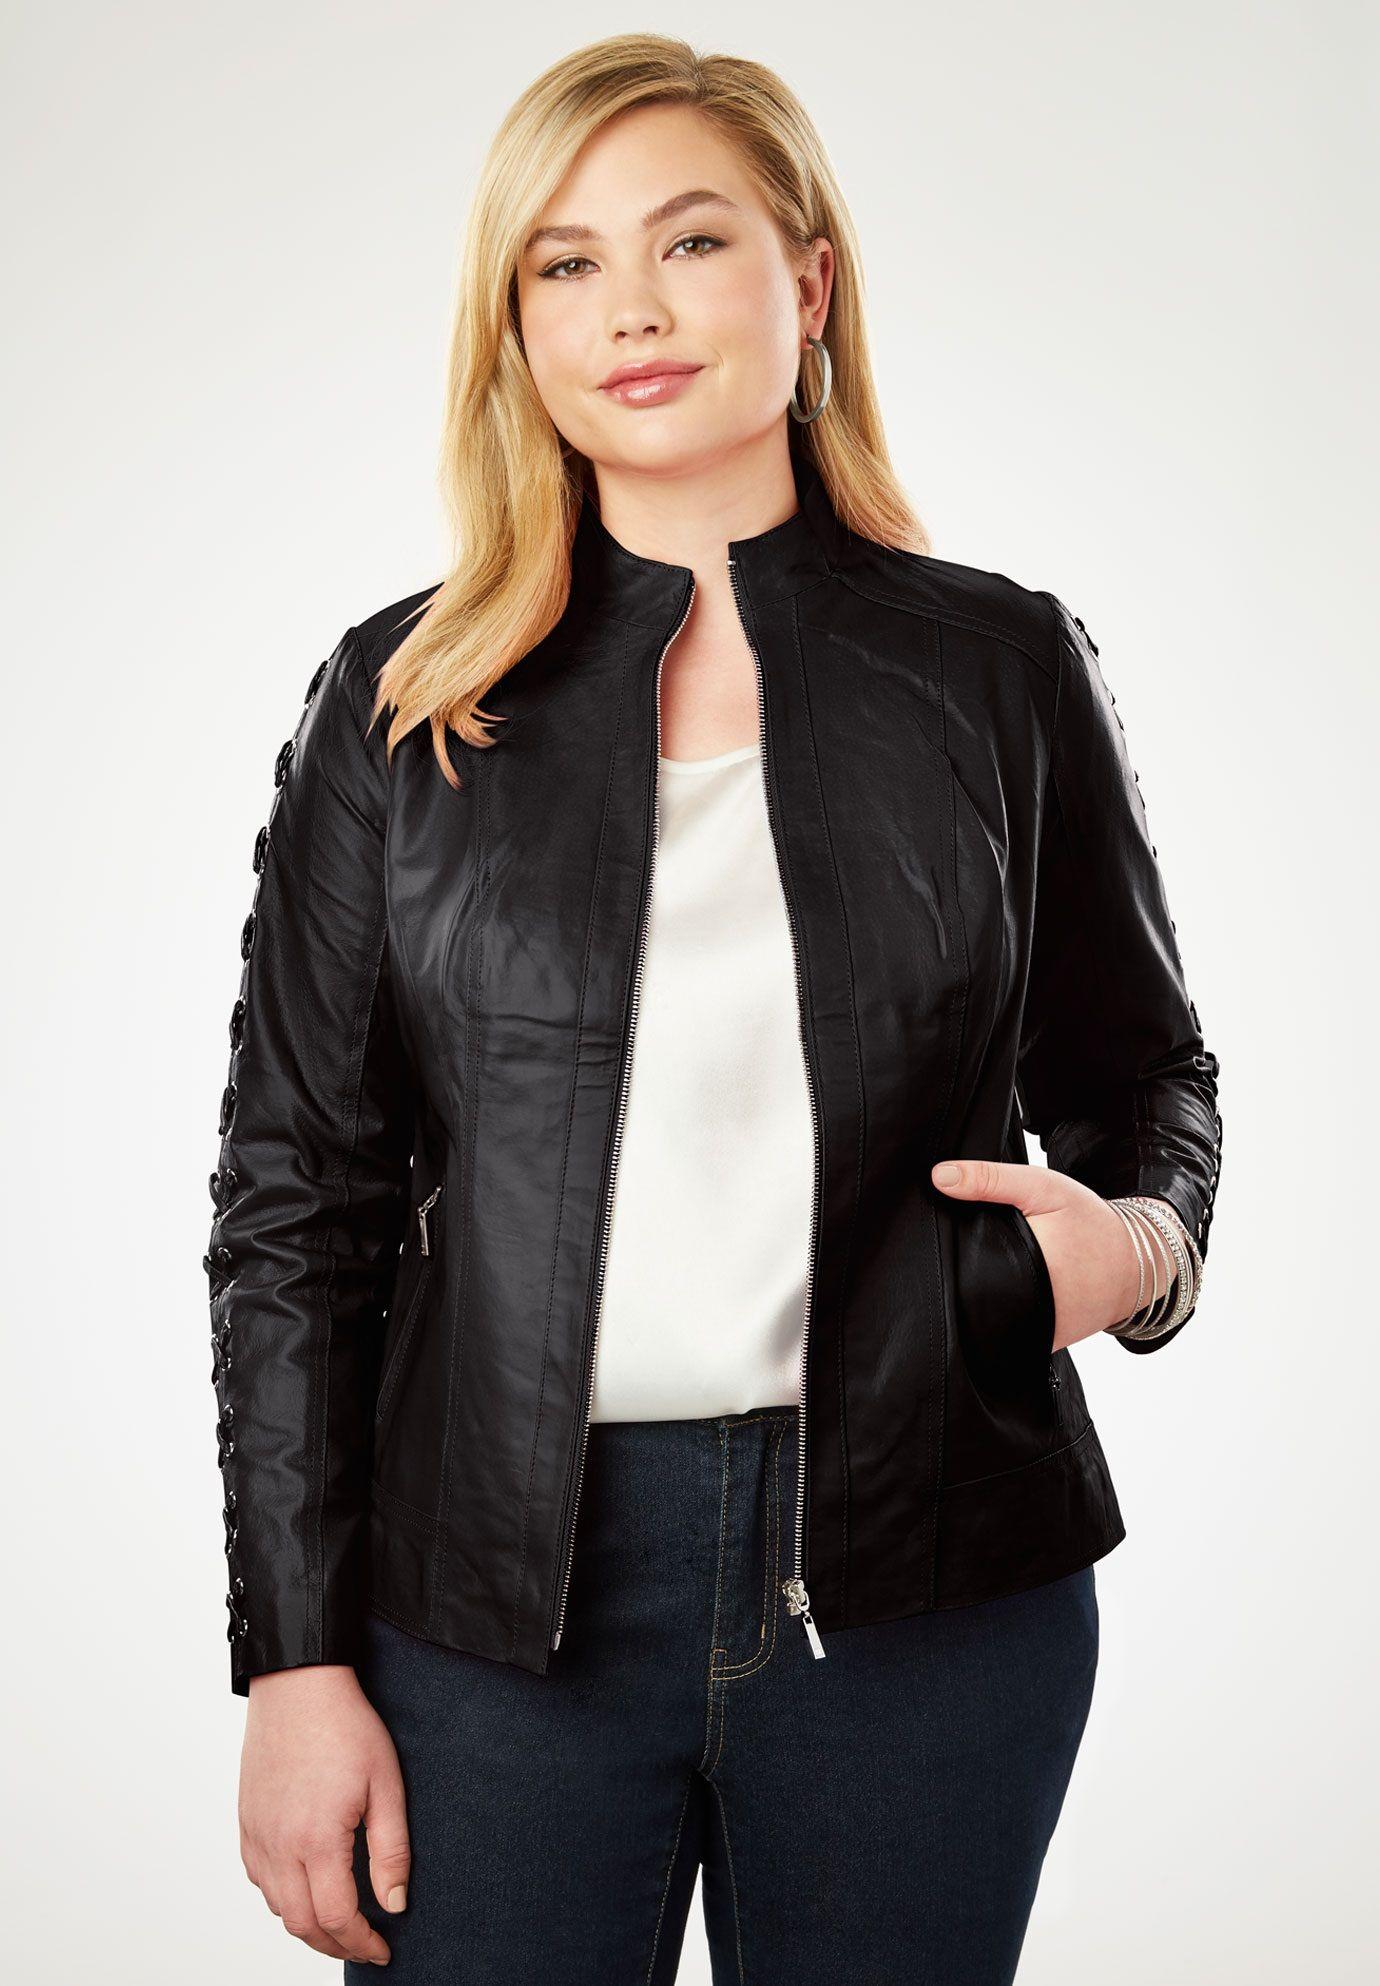 Lace Up Leather Jacket, BLACK Plus size leather jacket